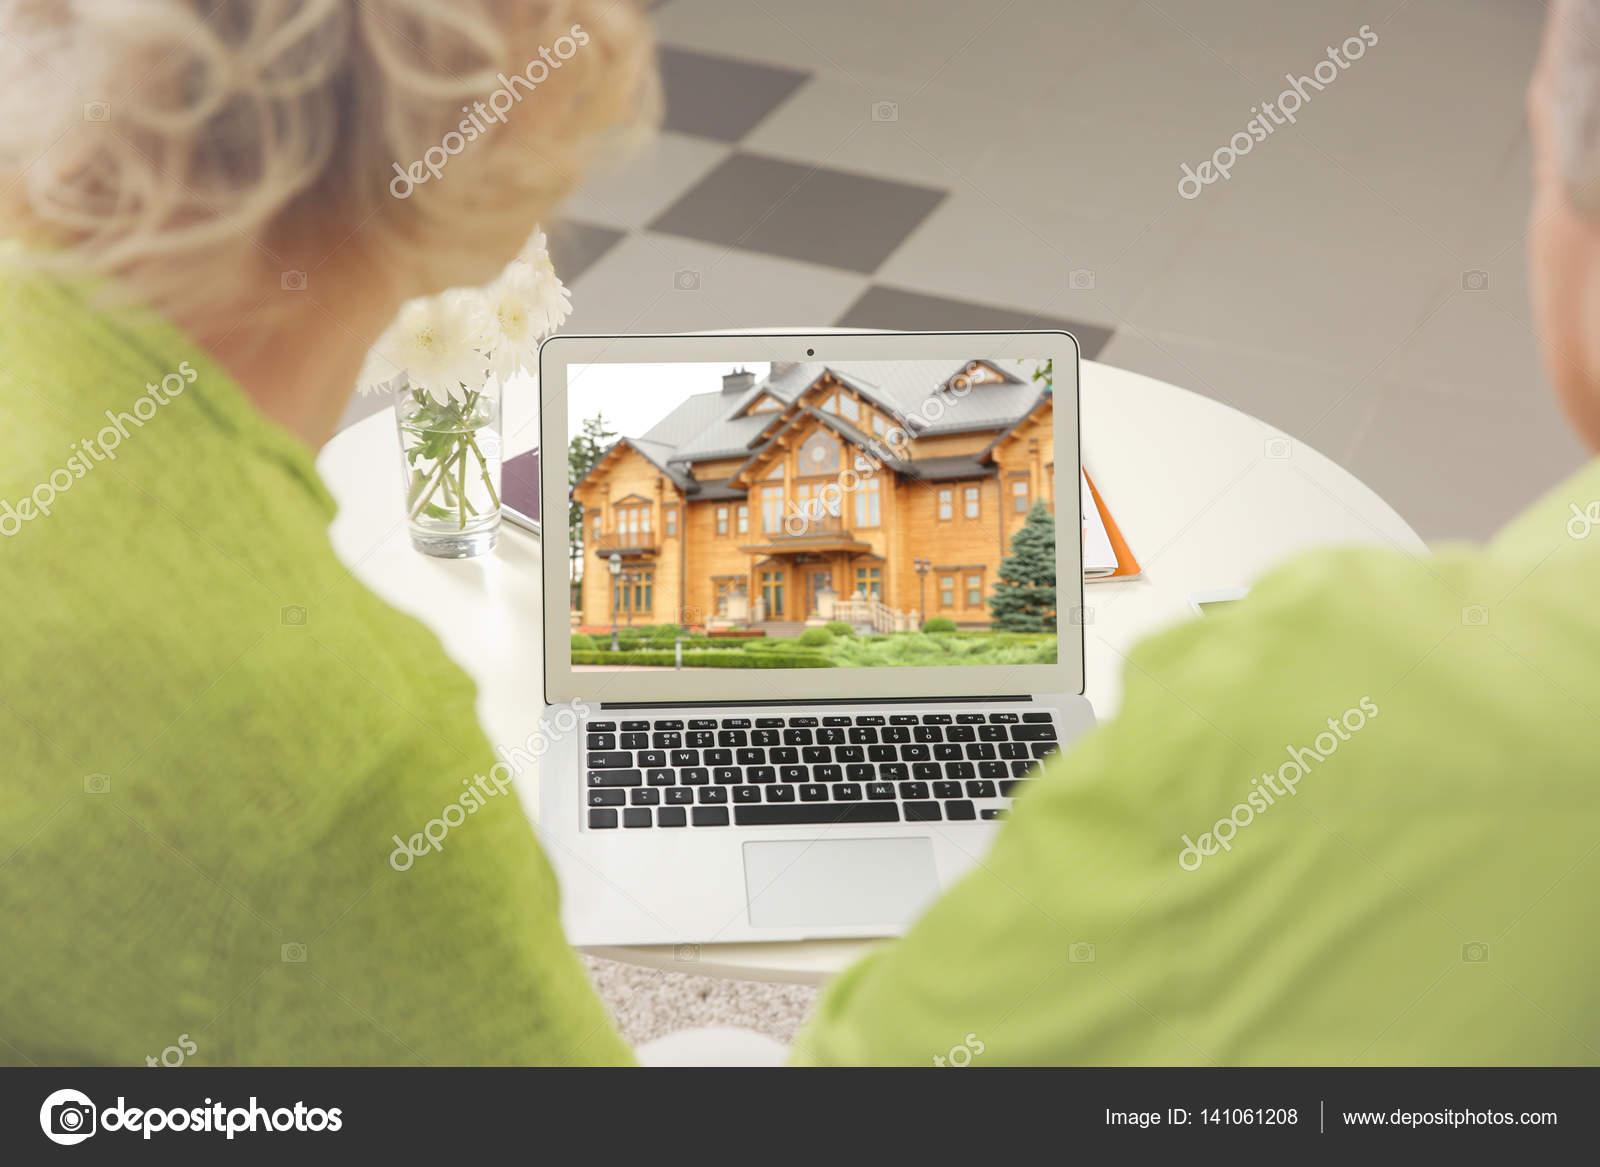 86bb386d3a20 Online Αγορές Έννοια Ανώτερος Ζευγάρι Ψάχνει Για Σπίτι Στον Δικτυακό — Φωτογραφία  Αρχείου